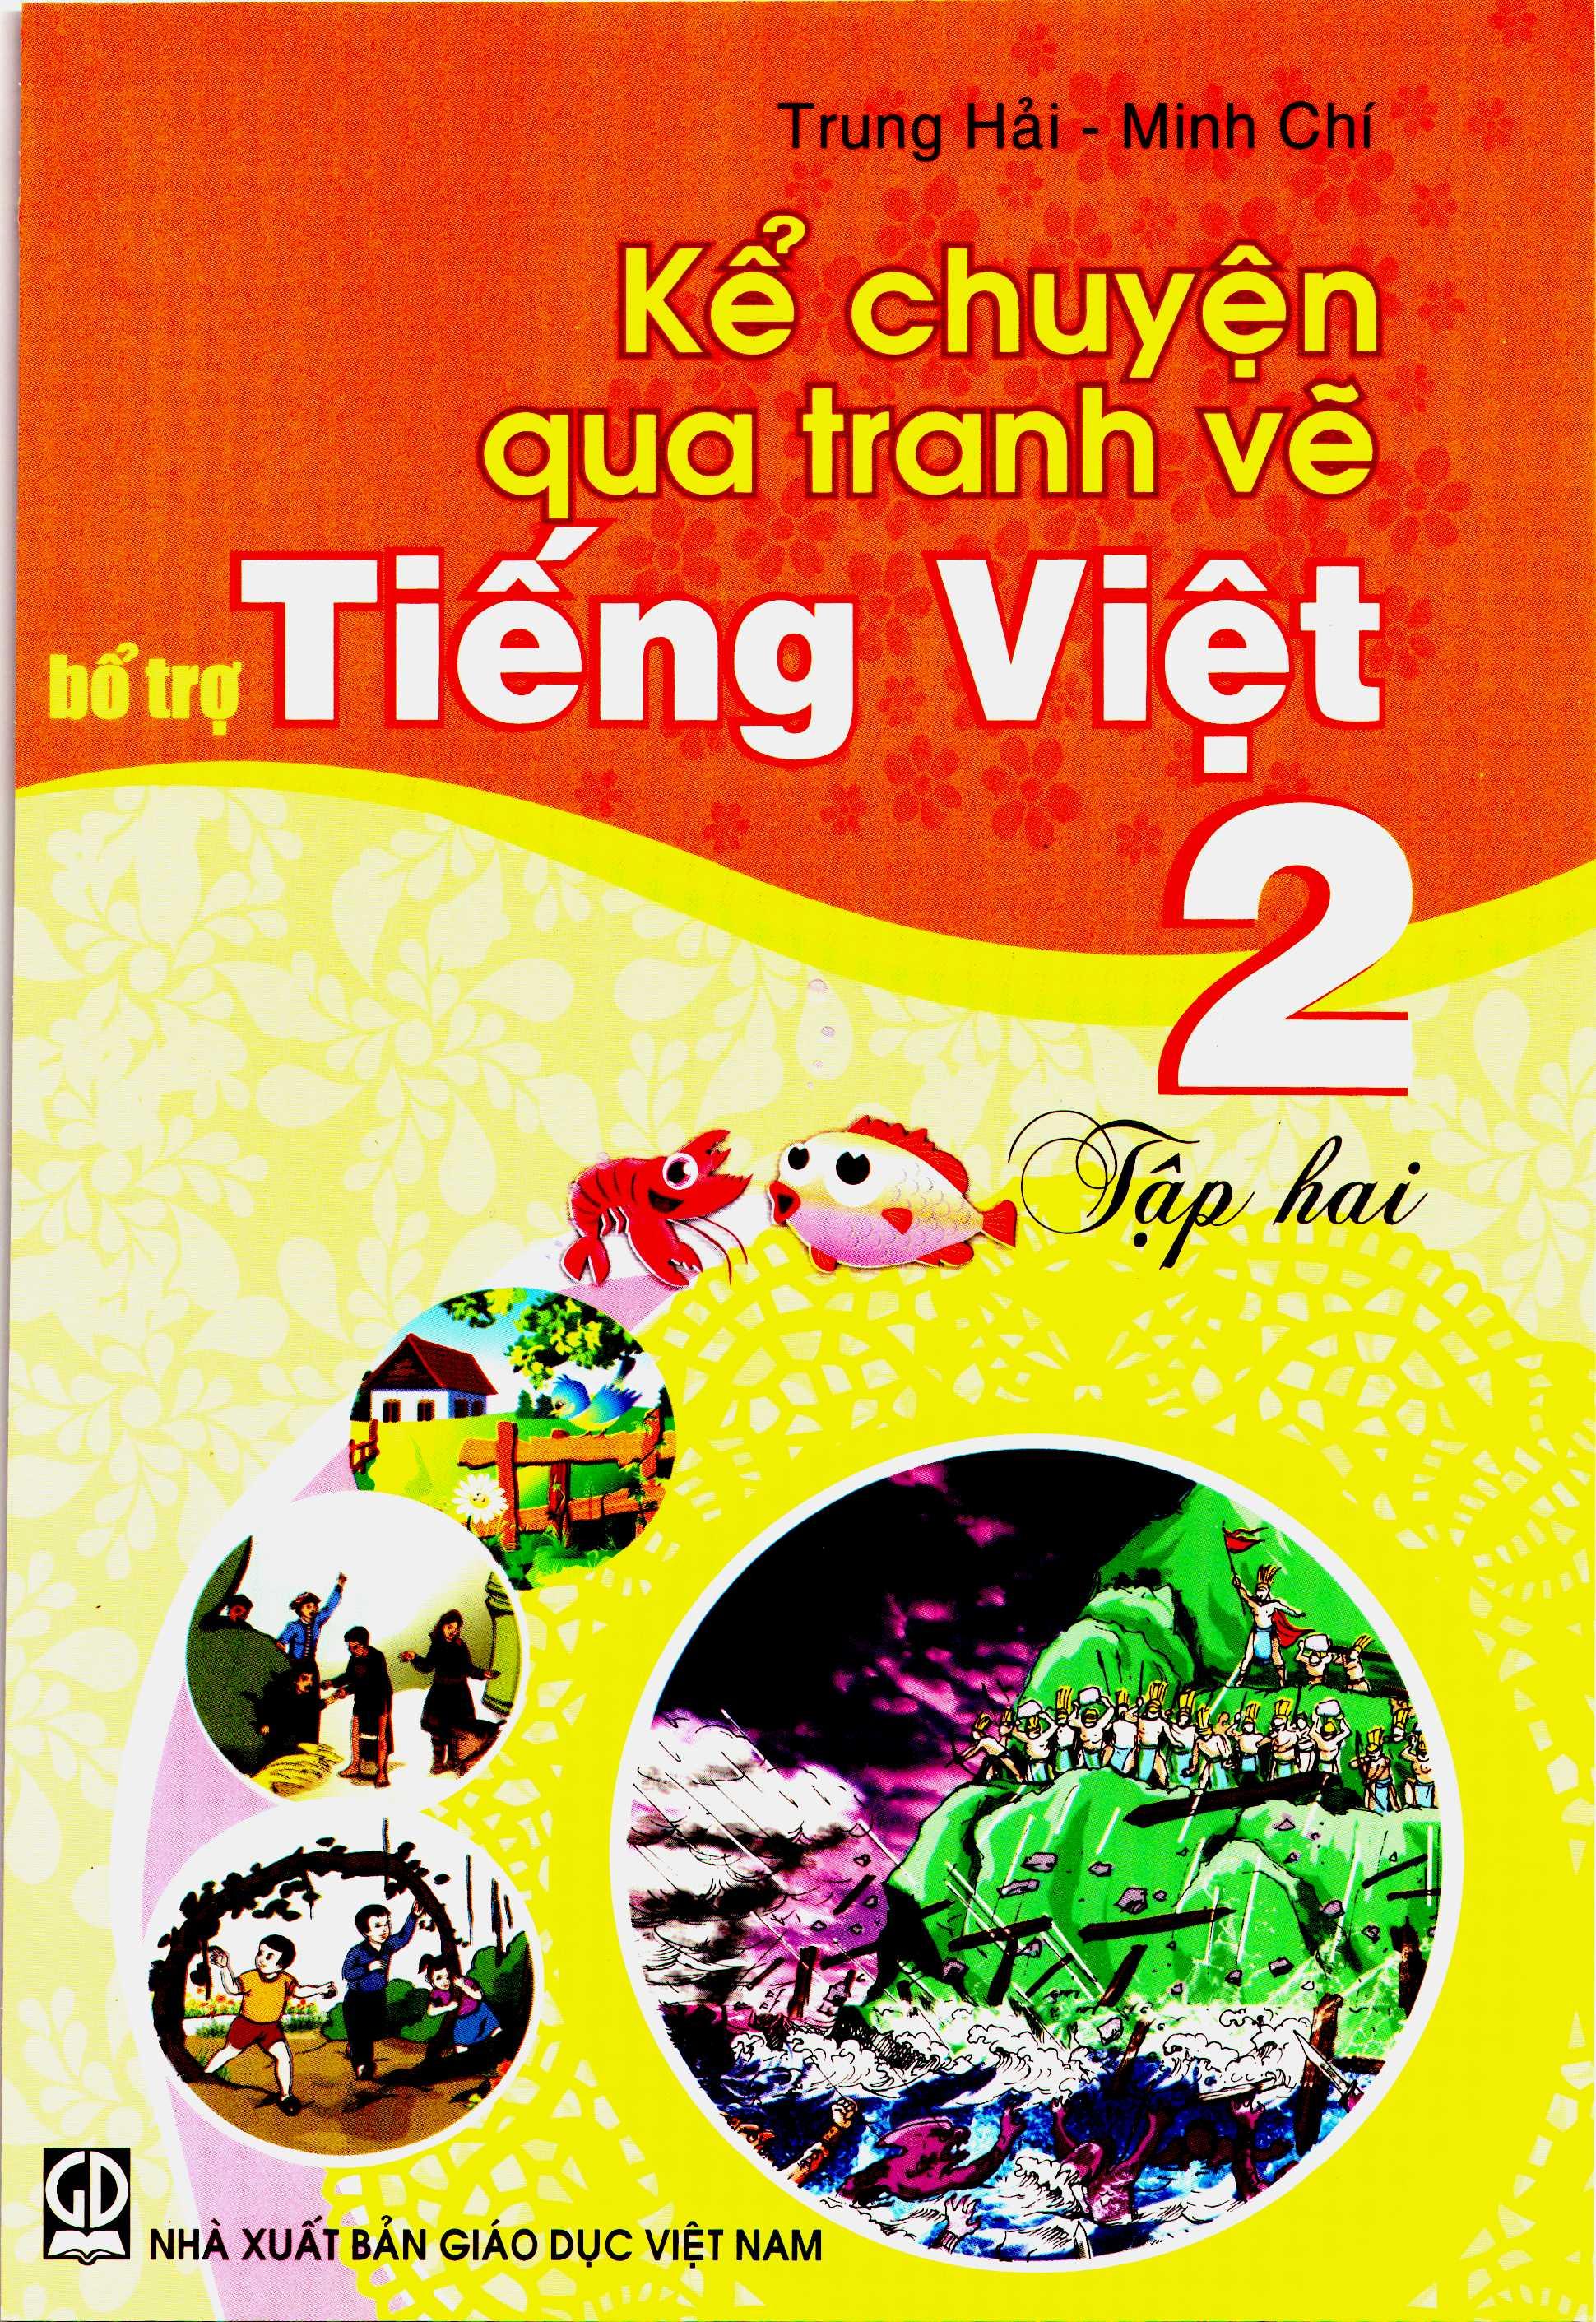 Kể chuyện qua tranh vẽ bổ trợ Tiếng Việt 2, tập 2